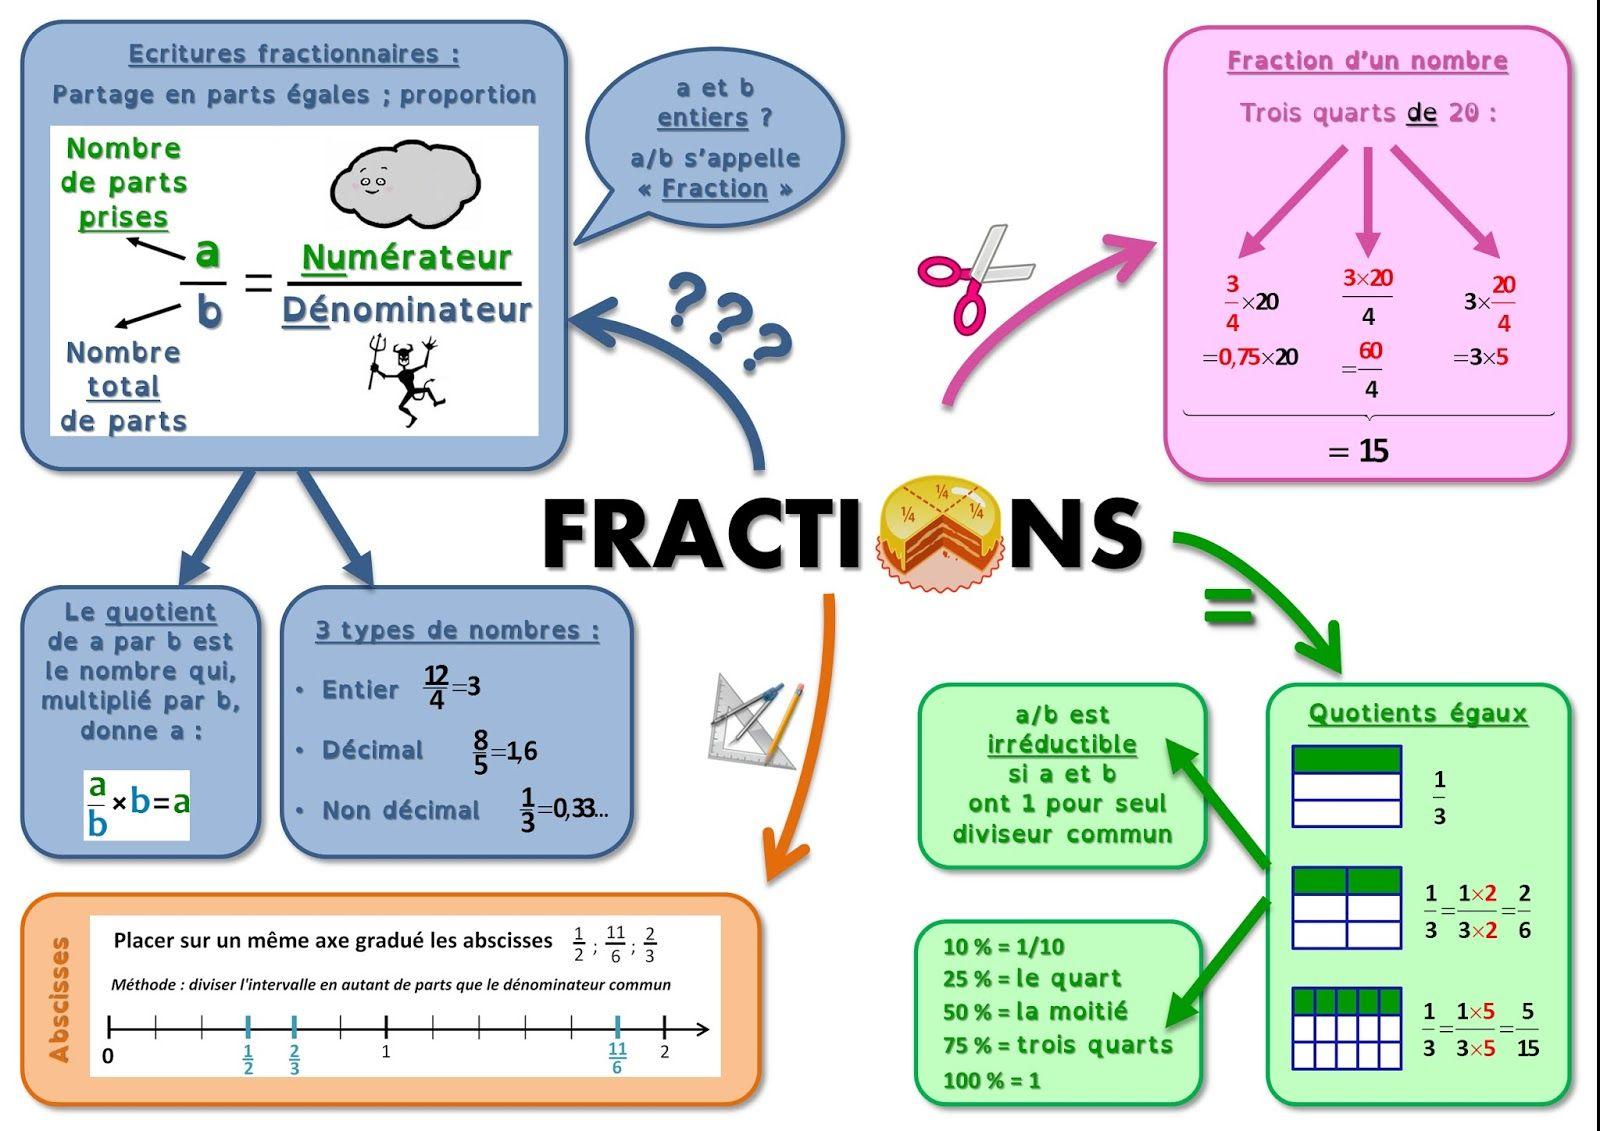 Afficher L Image D Origine Carte Mentale Maths Mathematiques College Mathematique Facile